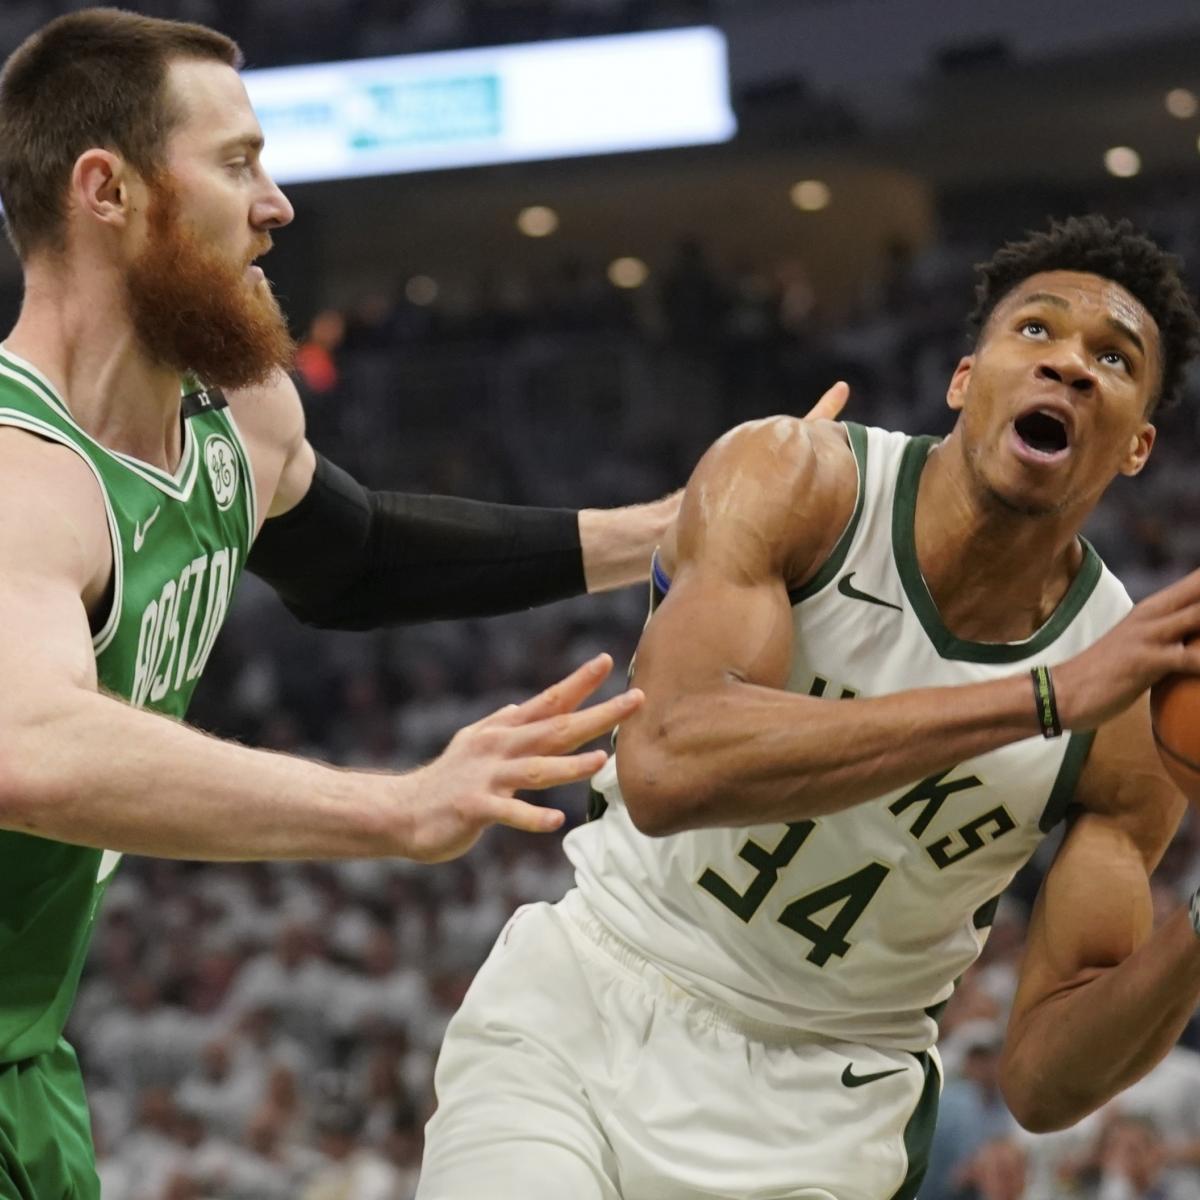 James Harden Vs Giannis Stats: Giannis Antetokounmpo: Celtics 'Definitely Play To The